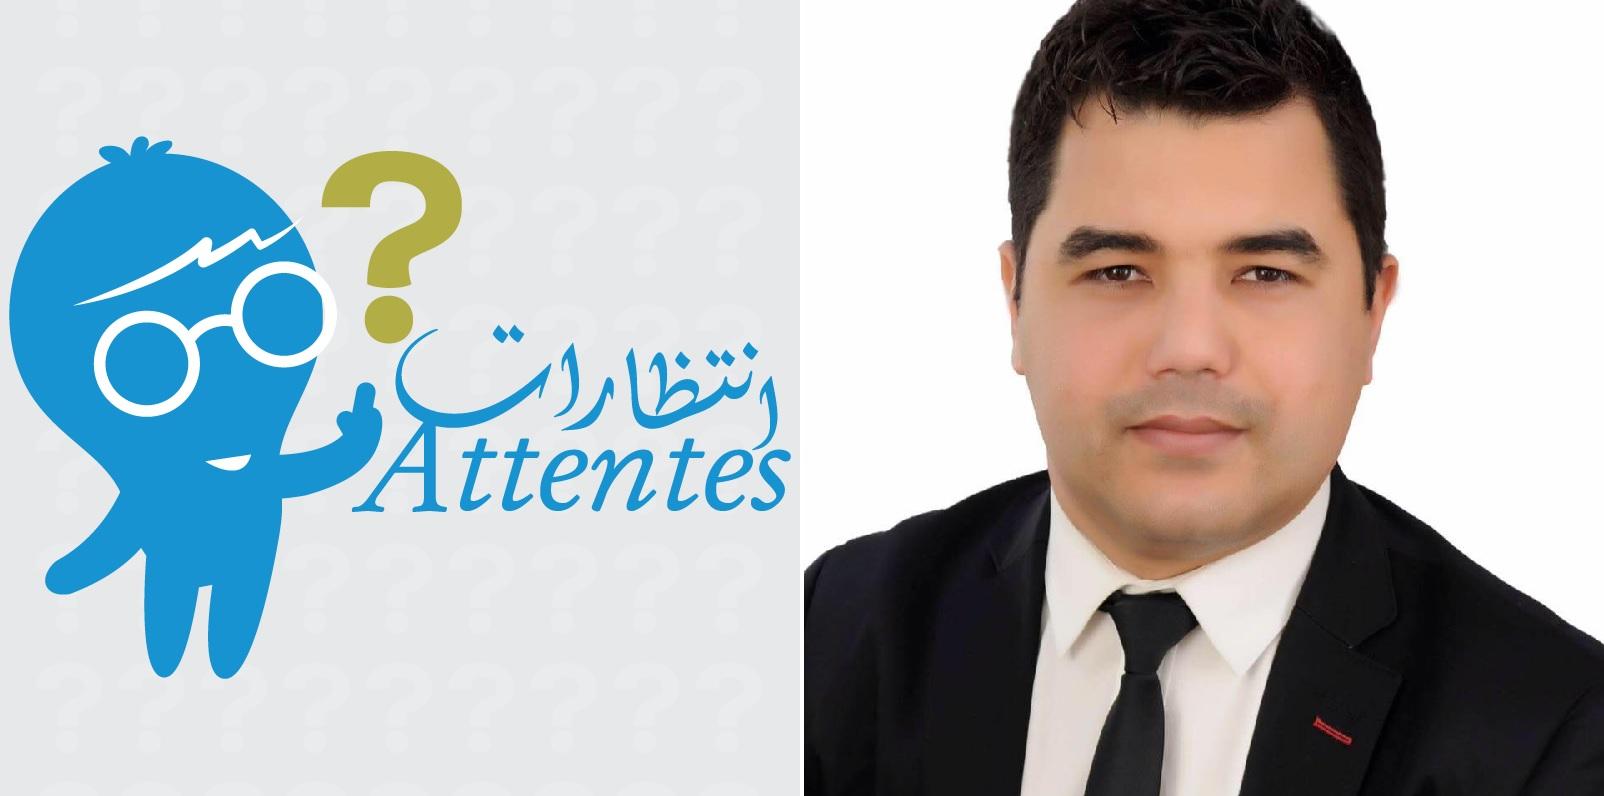 محمد سحنون - خبير محاسب - عضو في جمعية التنمية المستديمة بولاية صفاقس